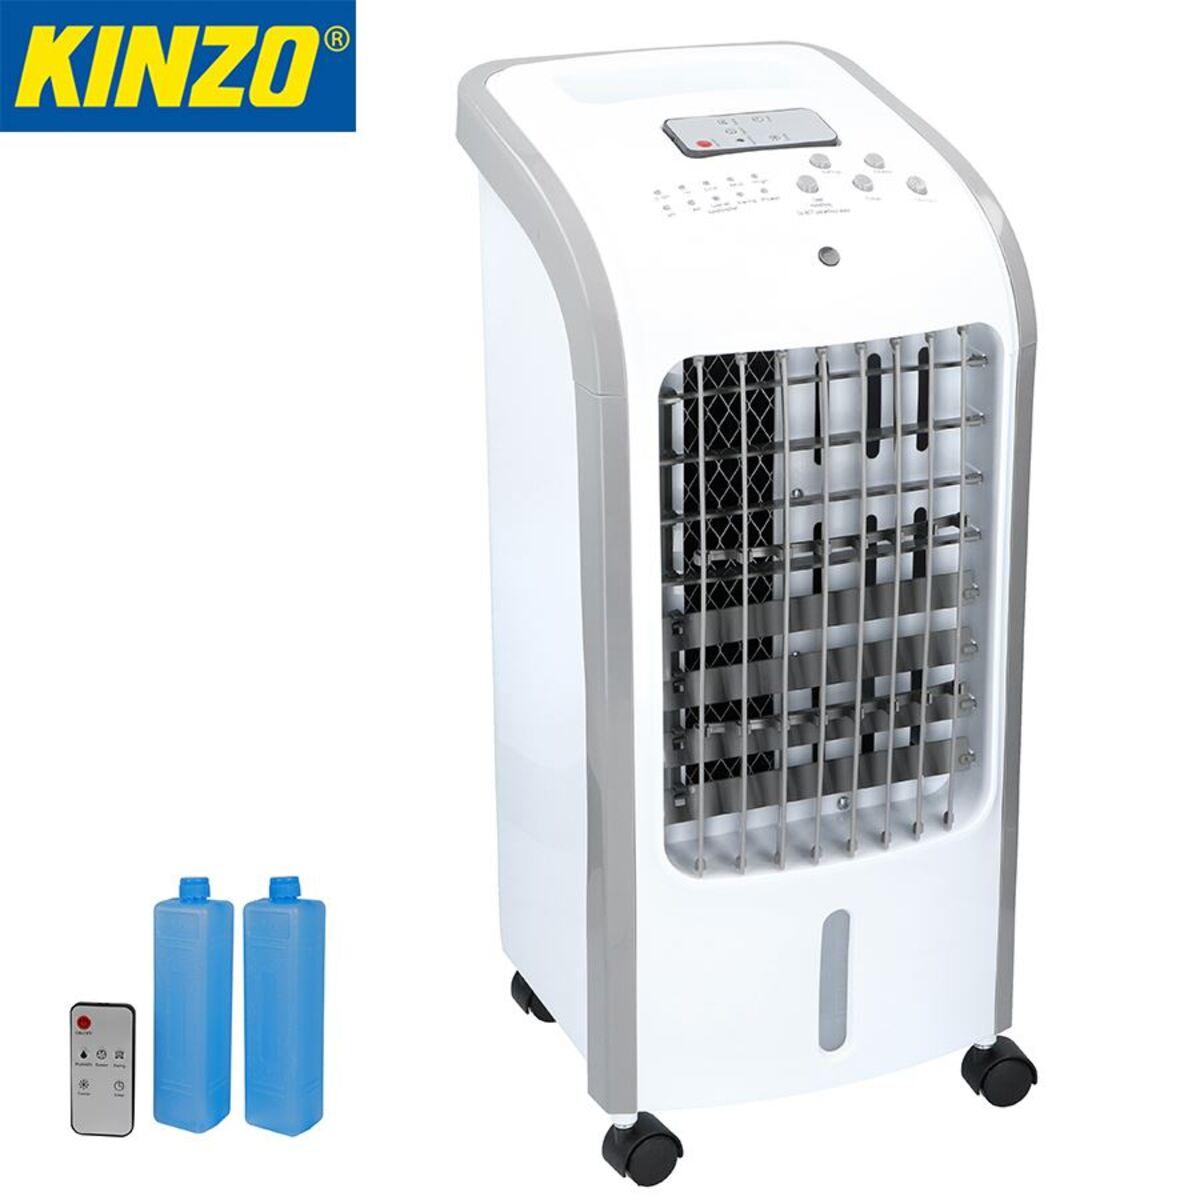 Bild 1 von Kinzo Kühllüfter 80W mit 2 Kühlpacks und Fernbedienung